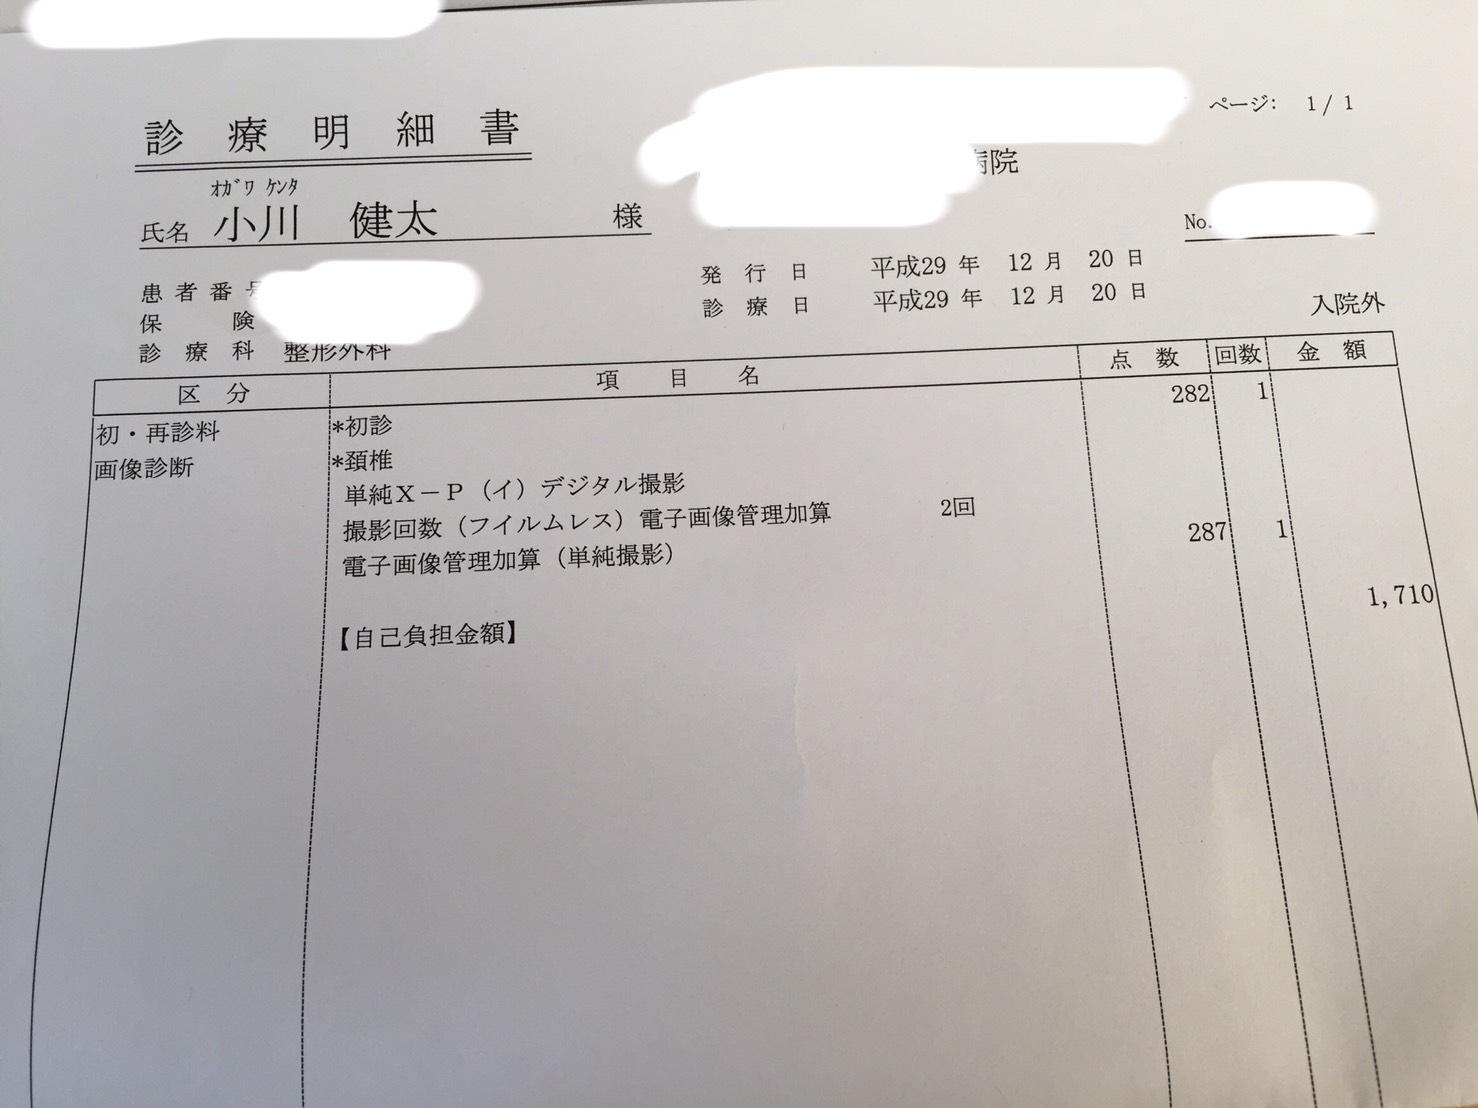 受診料は1,710円でした。